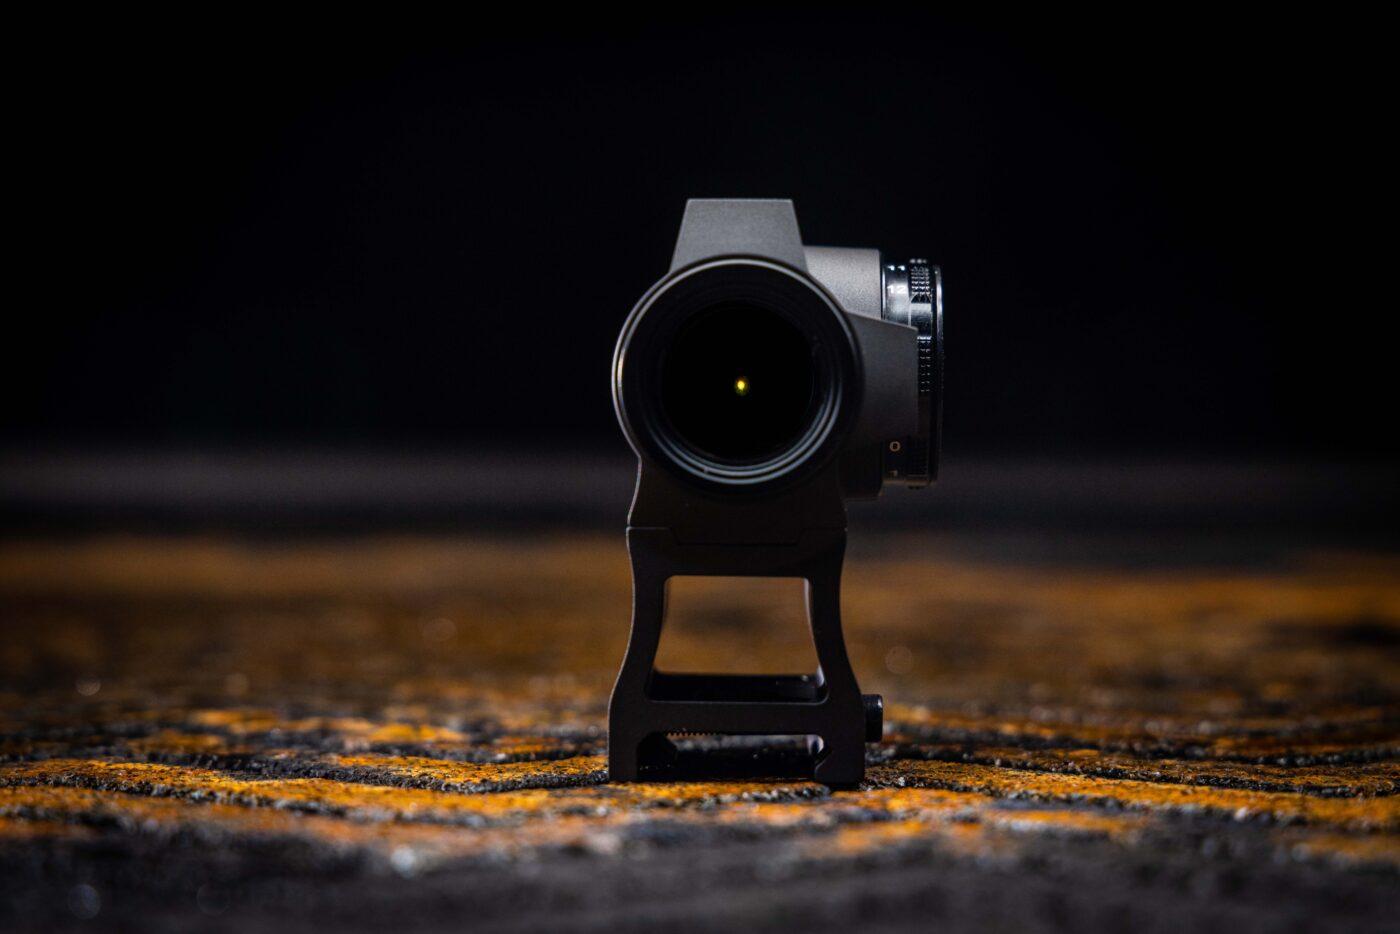 Holosun reflex sight with yellow dot